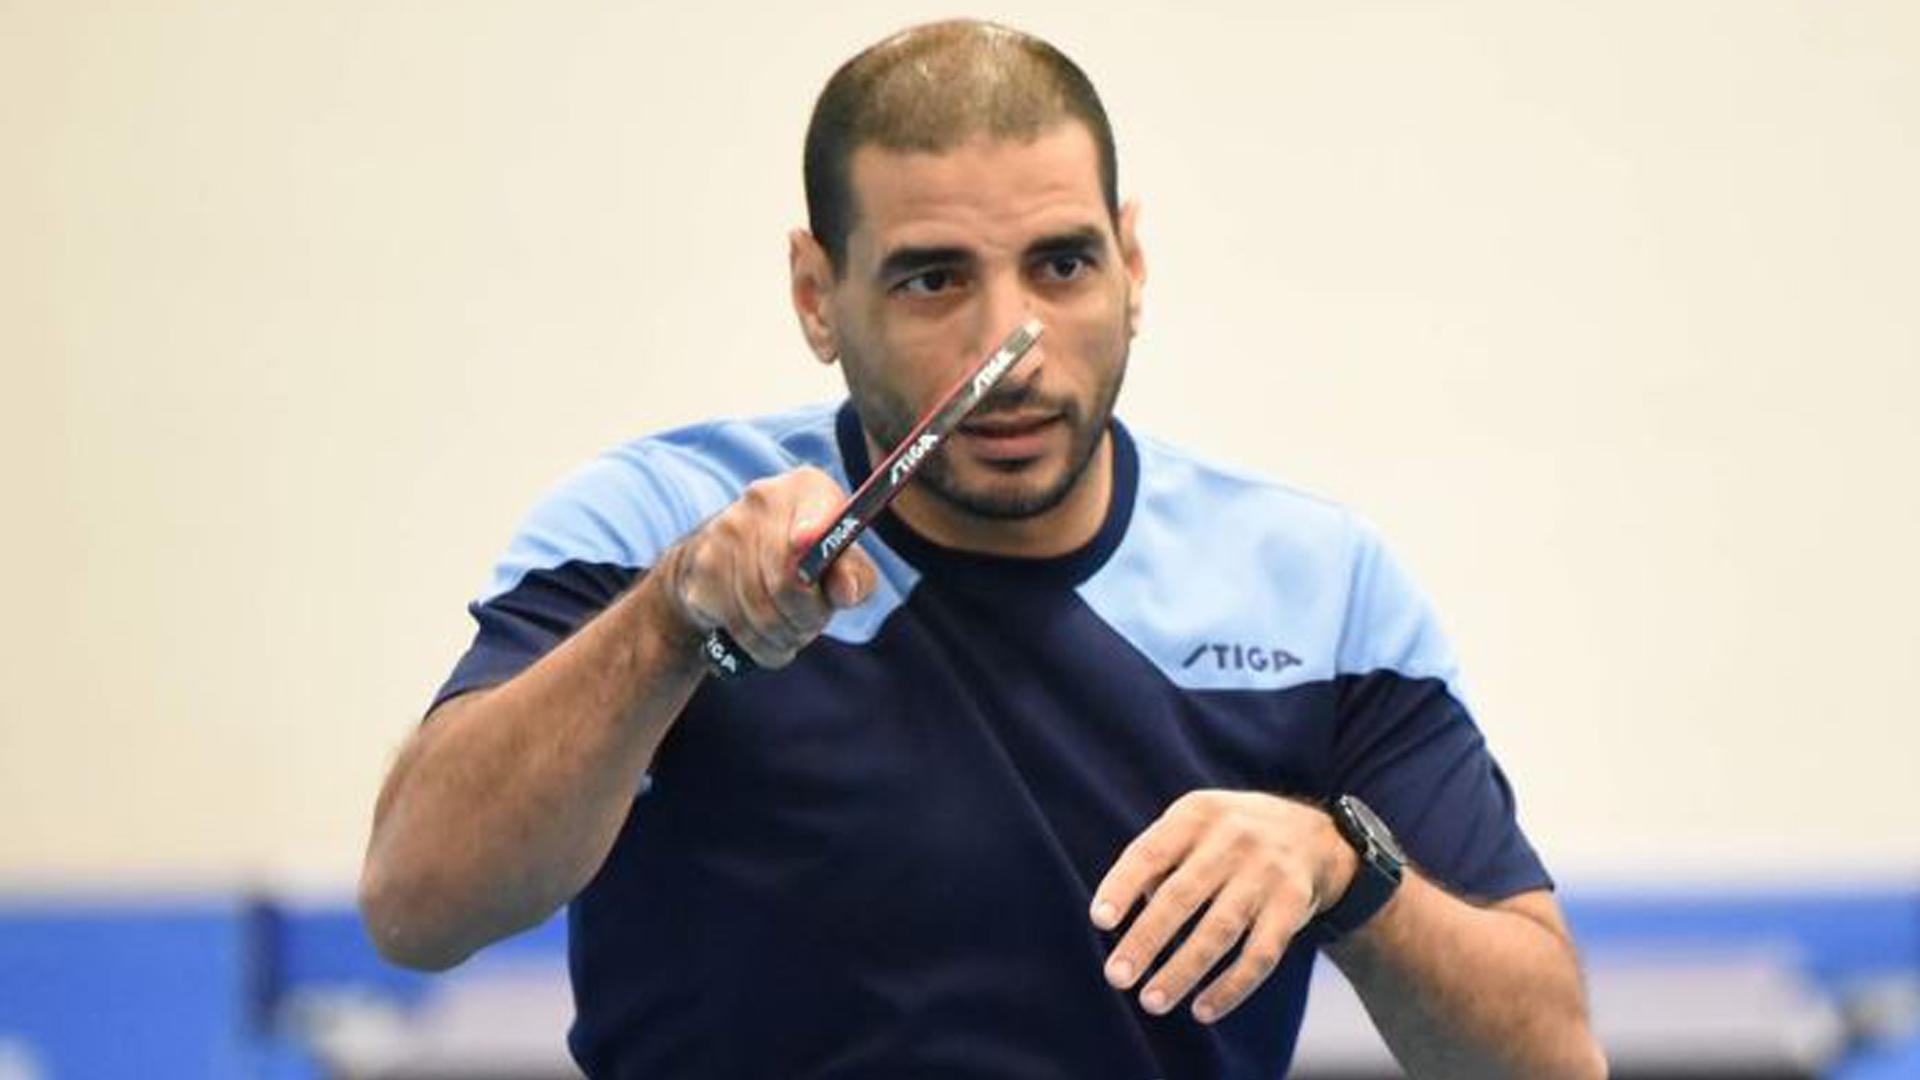 El Borges Grup Vall fitxa una llegenda del tennis taula, El Sayed Lashin